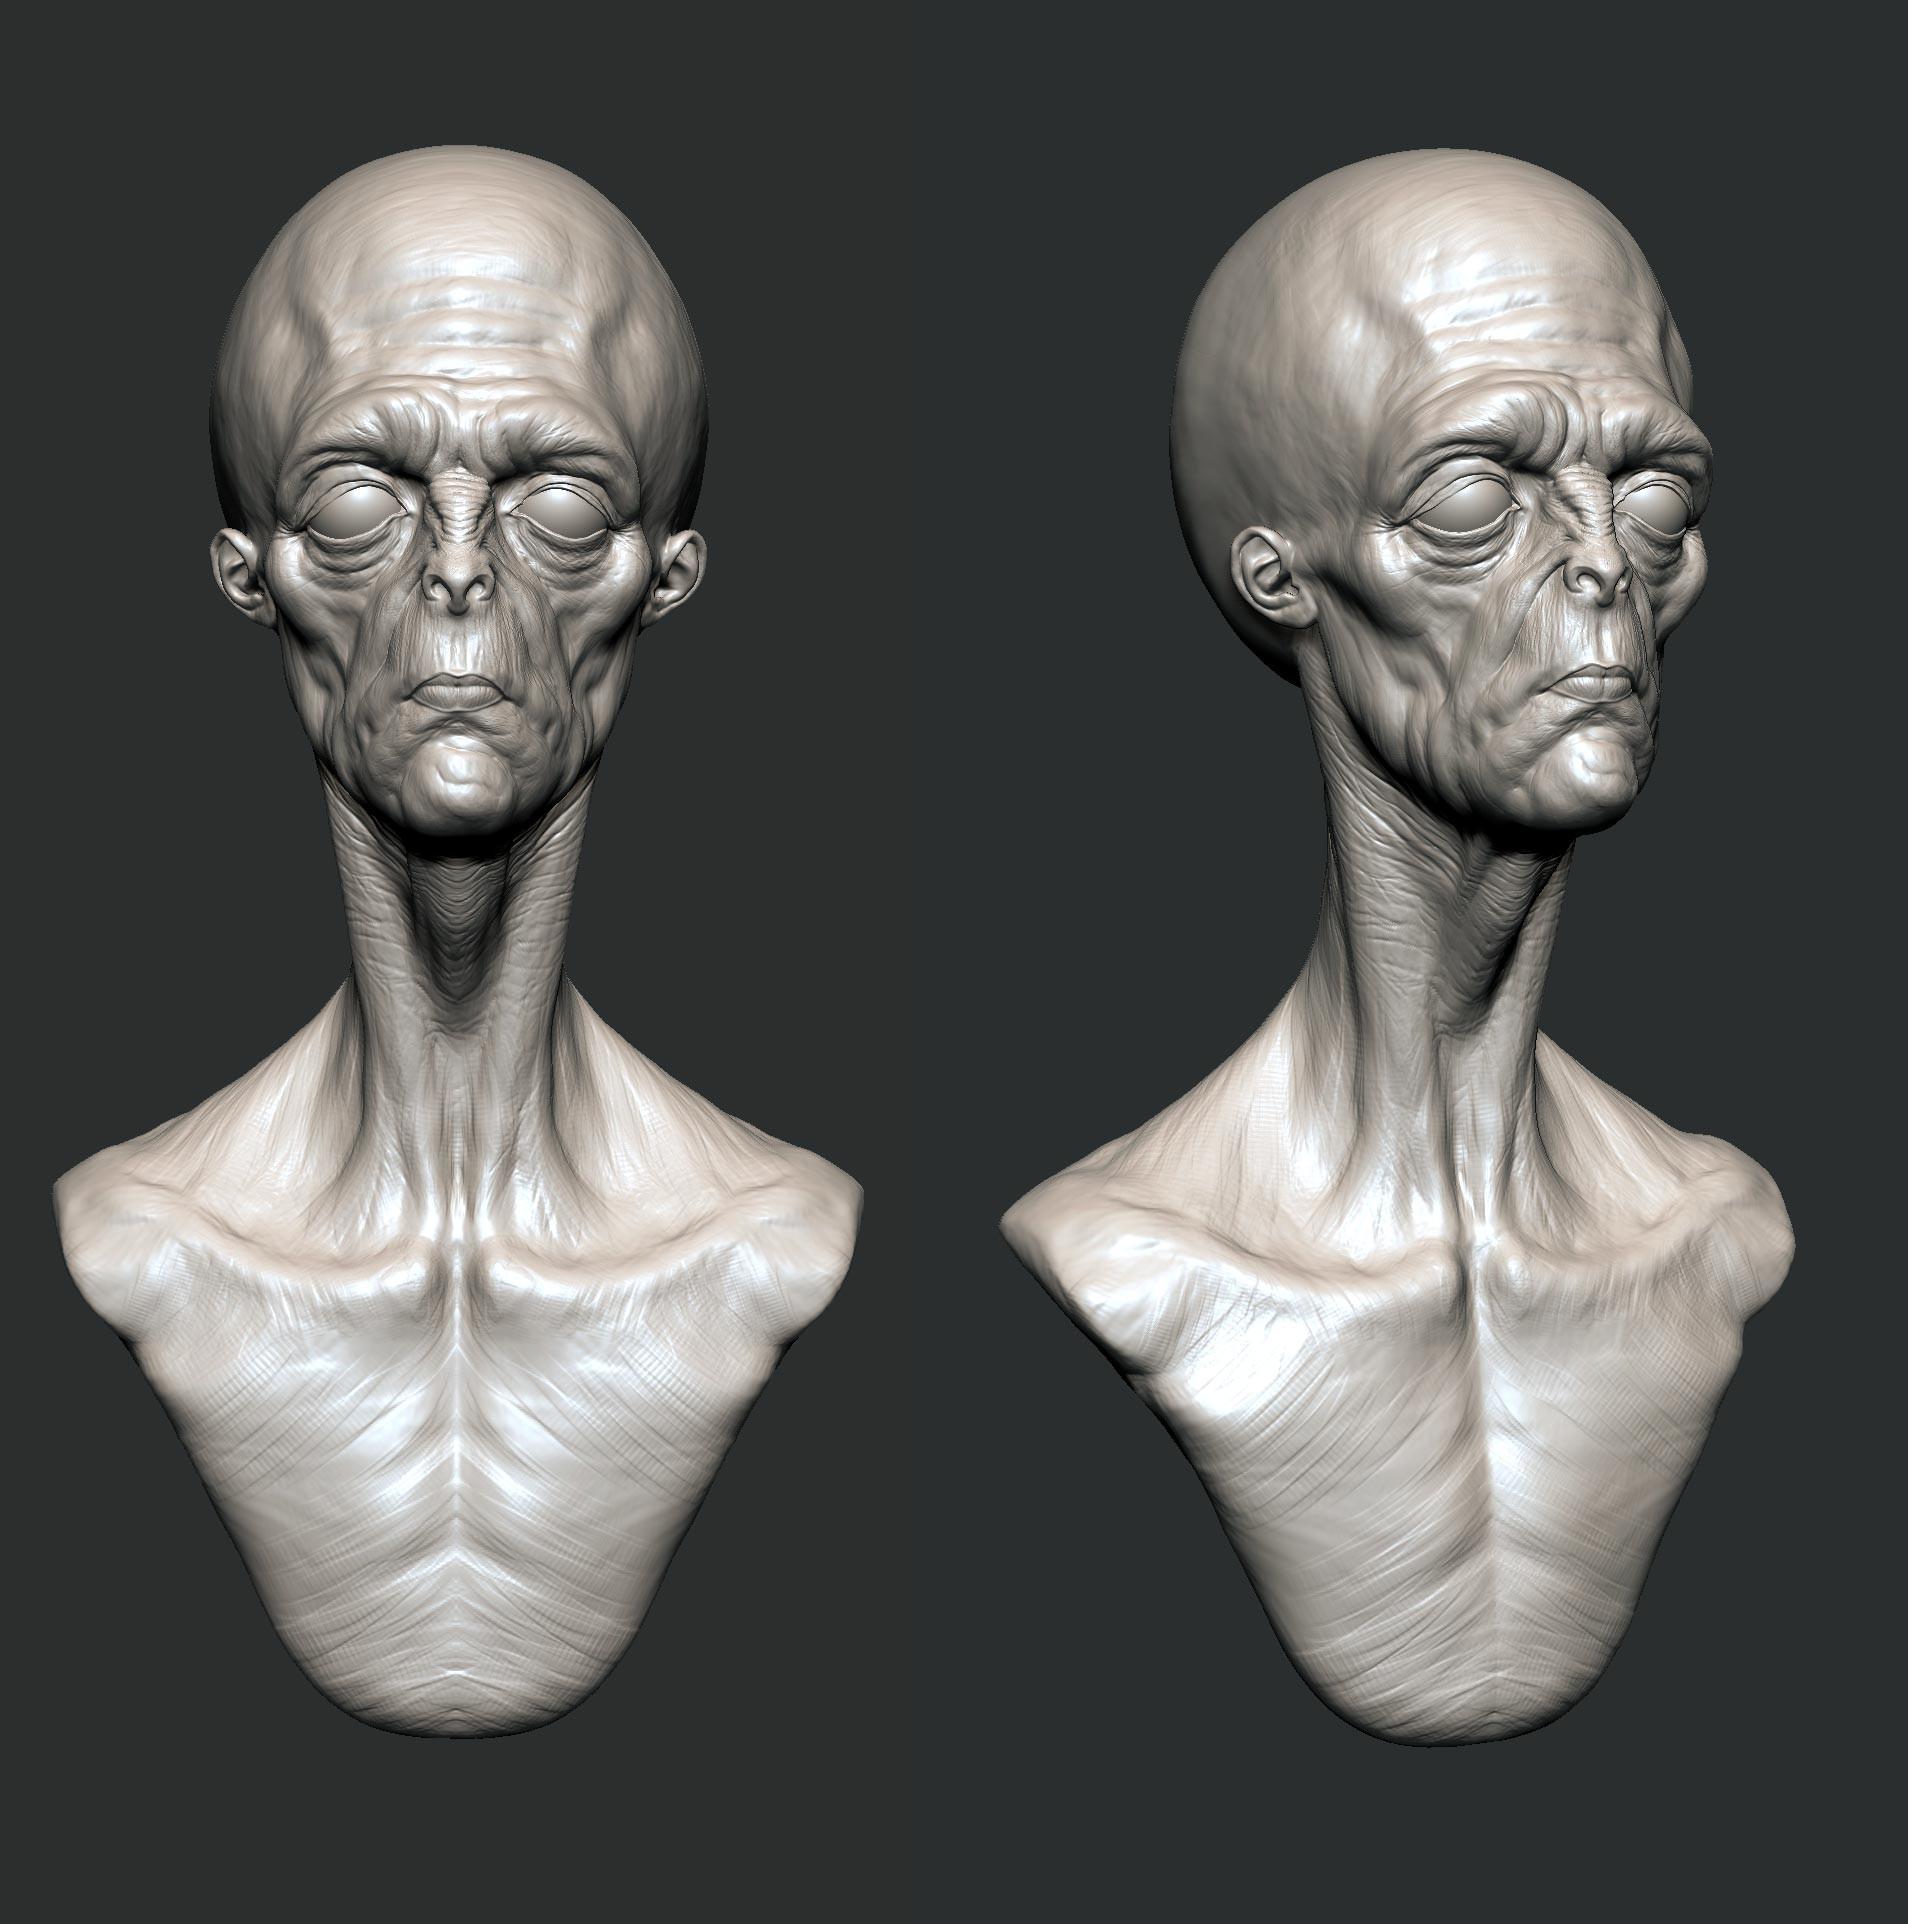 Andre de souza alien bust zbrush